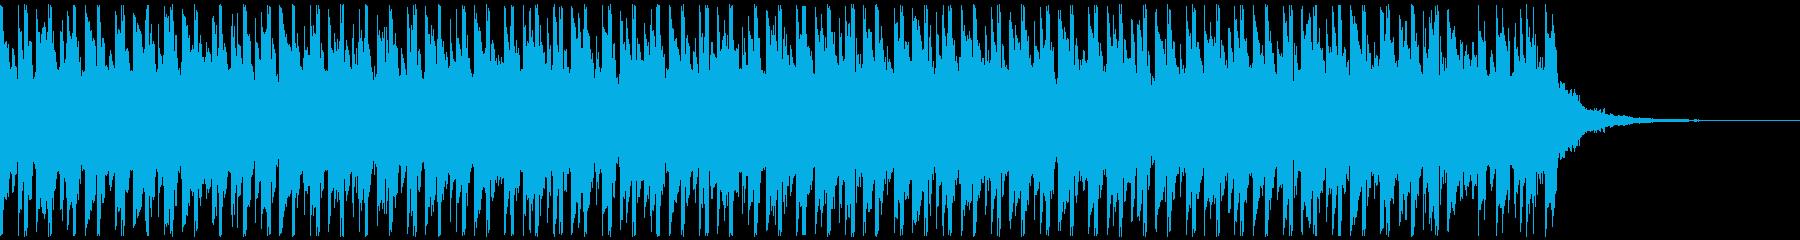 高揚感あふれるポップ(ショート2)の再生済みの波形